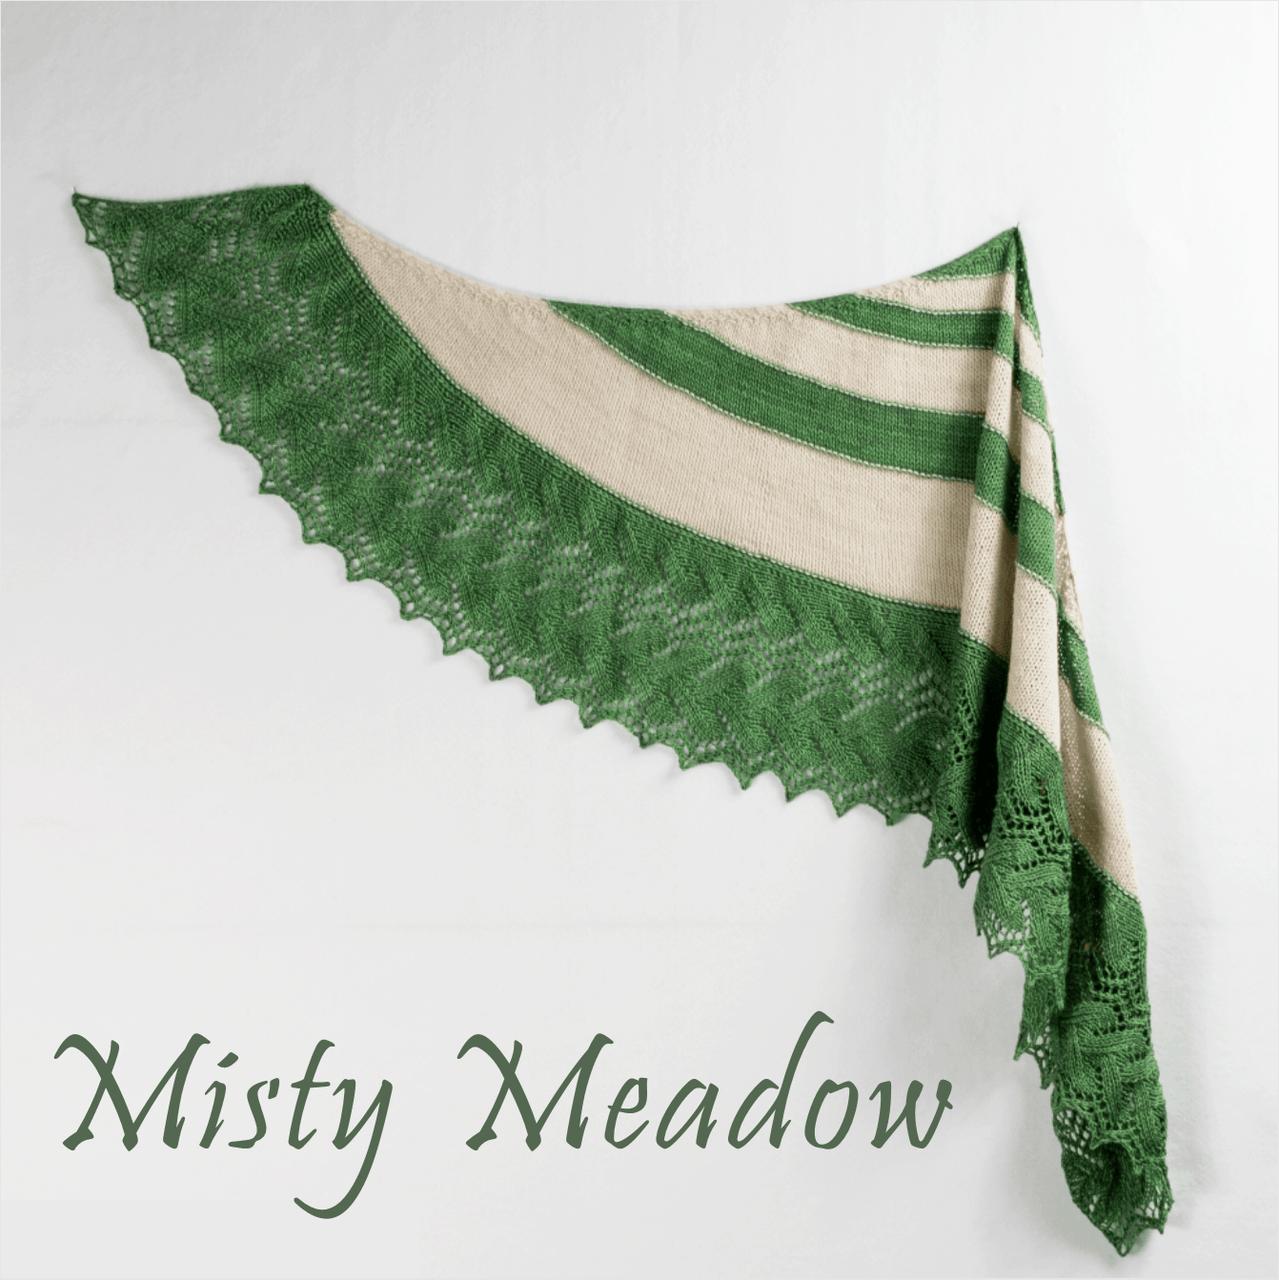 Misty Meadow Kit